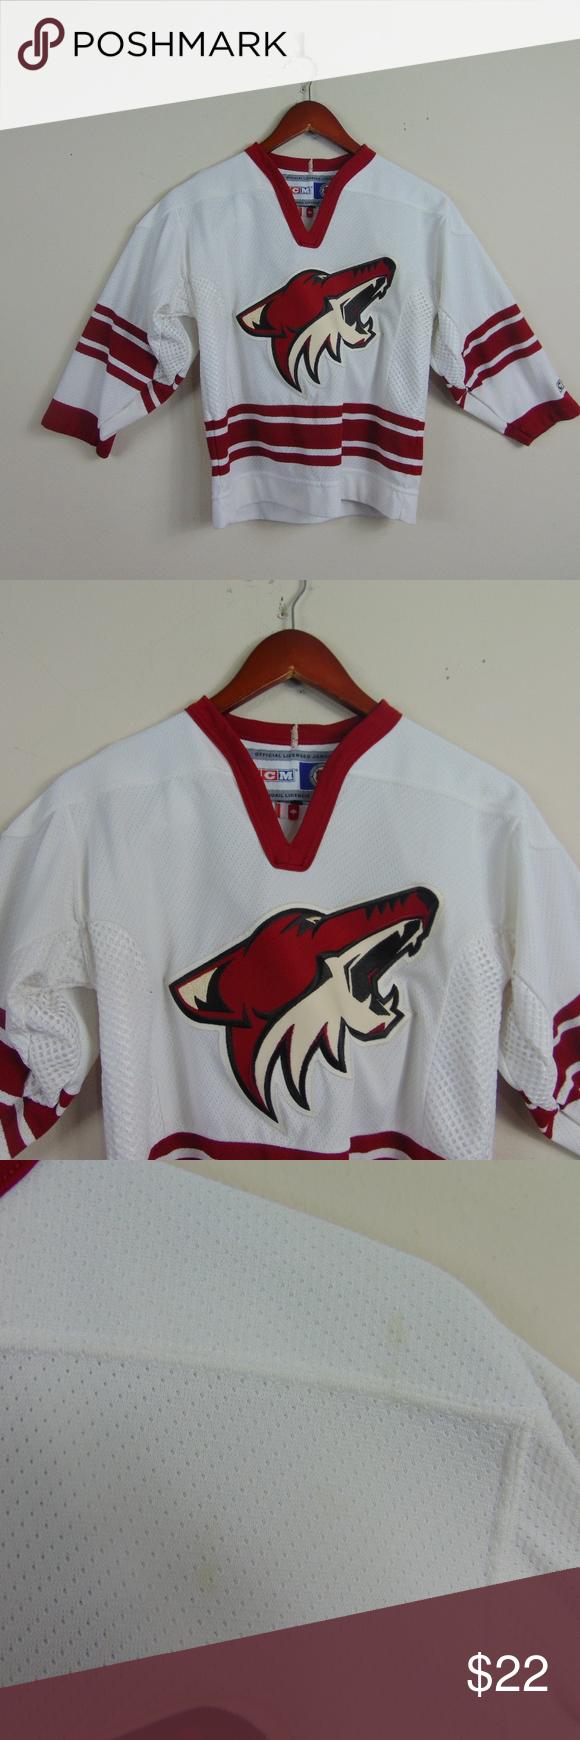 huge sale c2371 90b0f Arizona Coyotes Youth S/M Sewn Hockey Jersey Arizona Coyotes ...